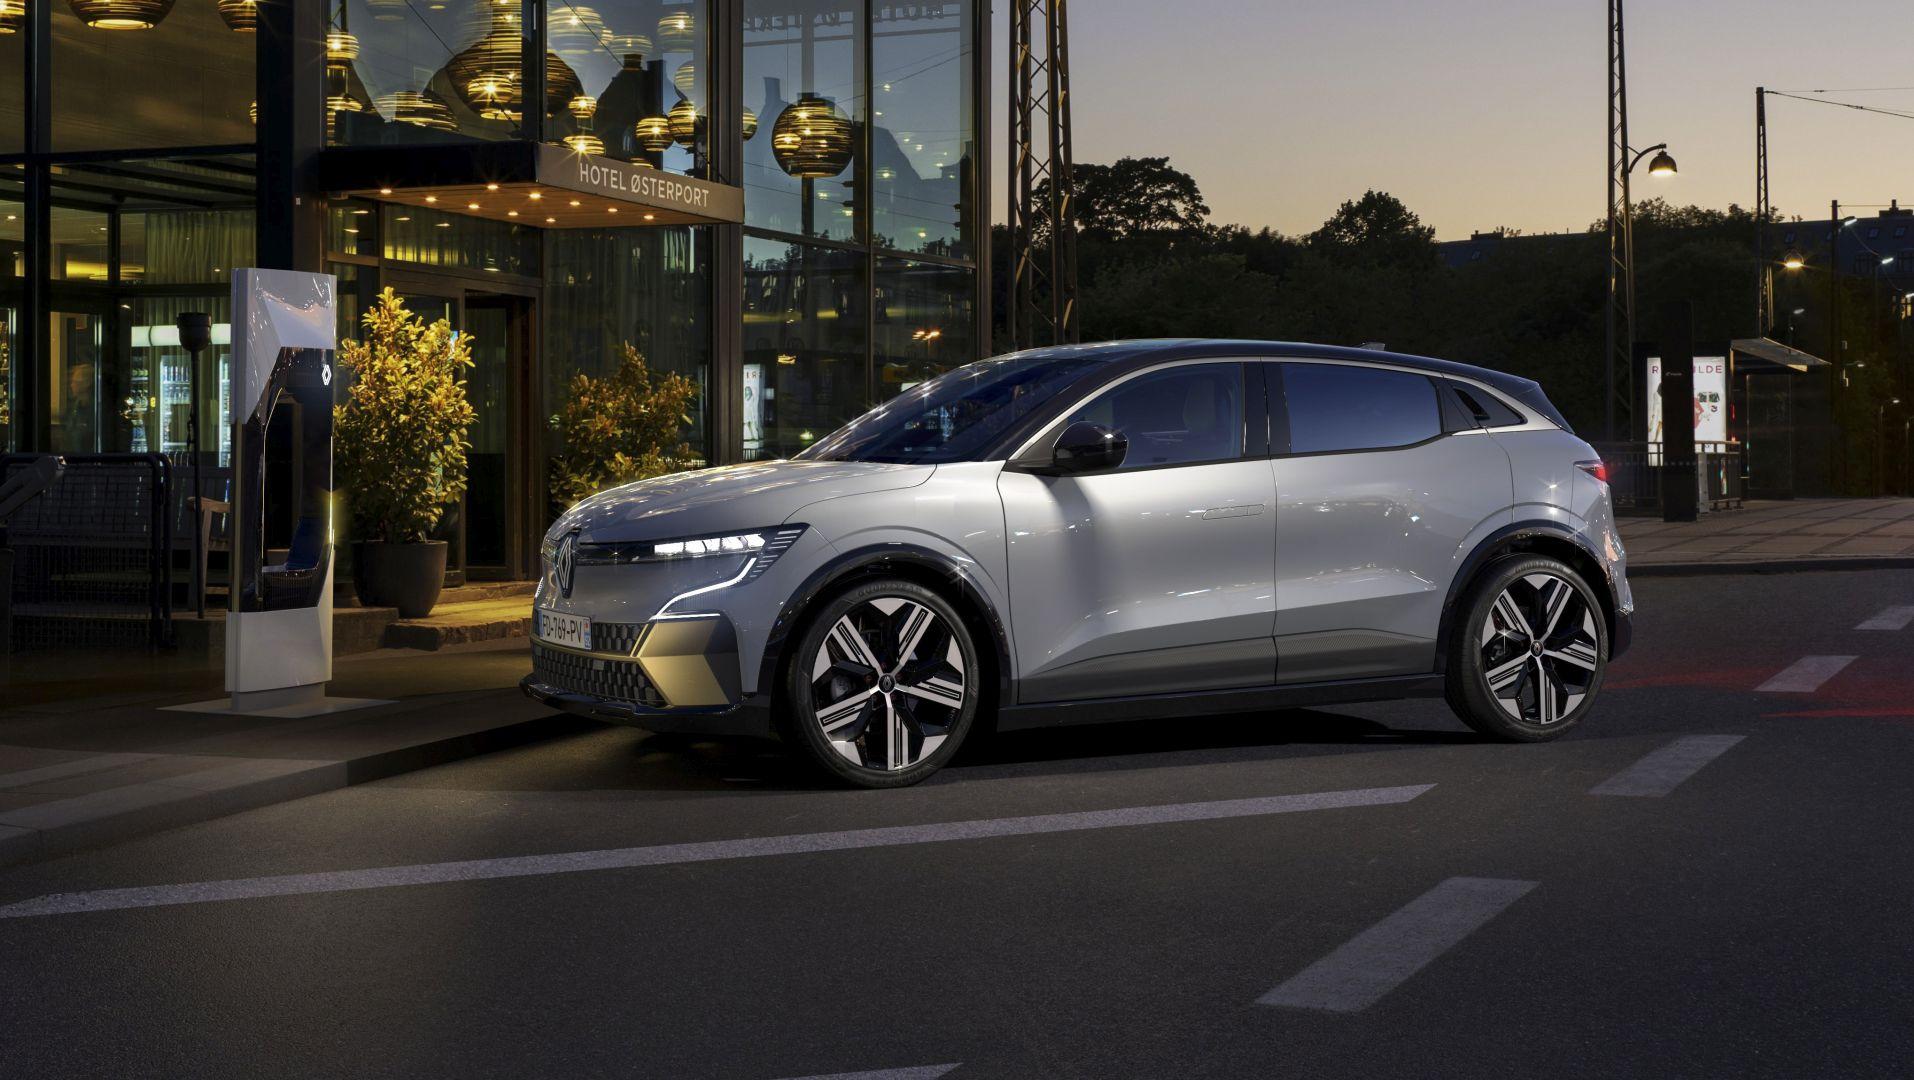 Nikad atraktivniji Renault Megane u novoj generaciji stiže samo u električnoj E-TECH Electric izvedbi